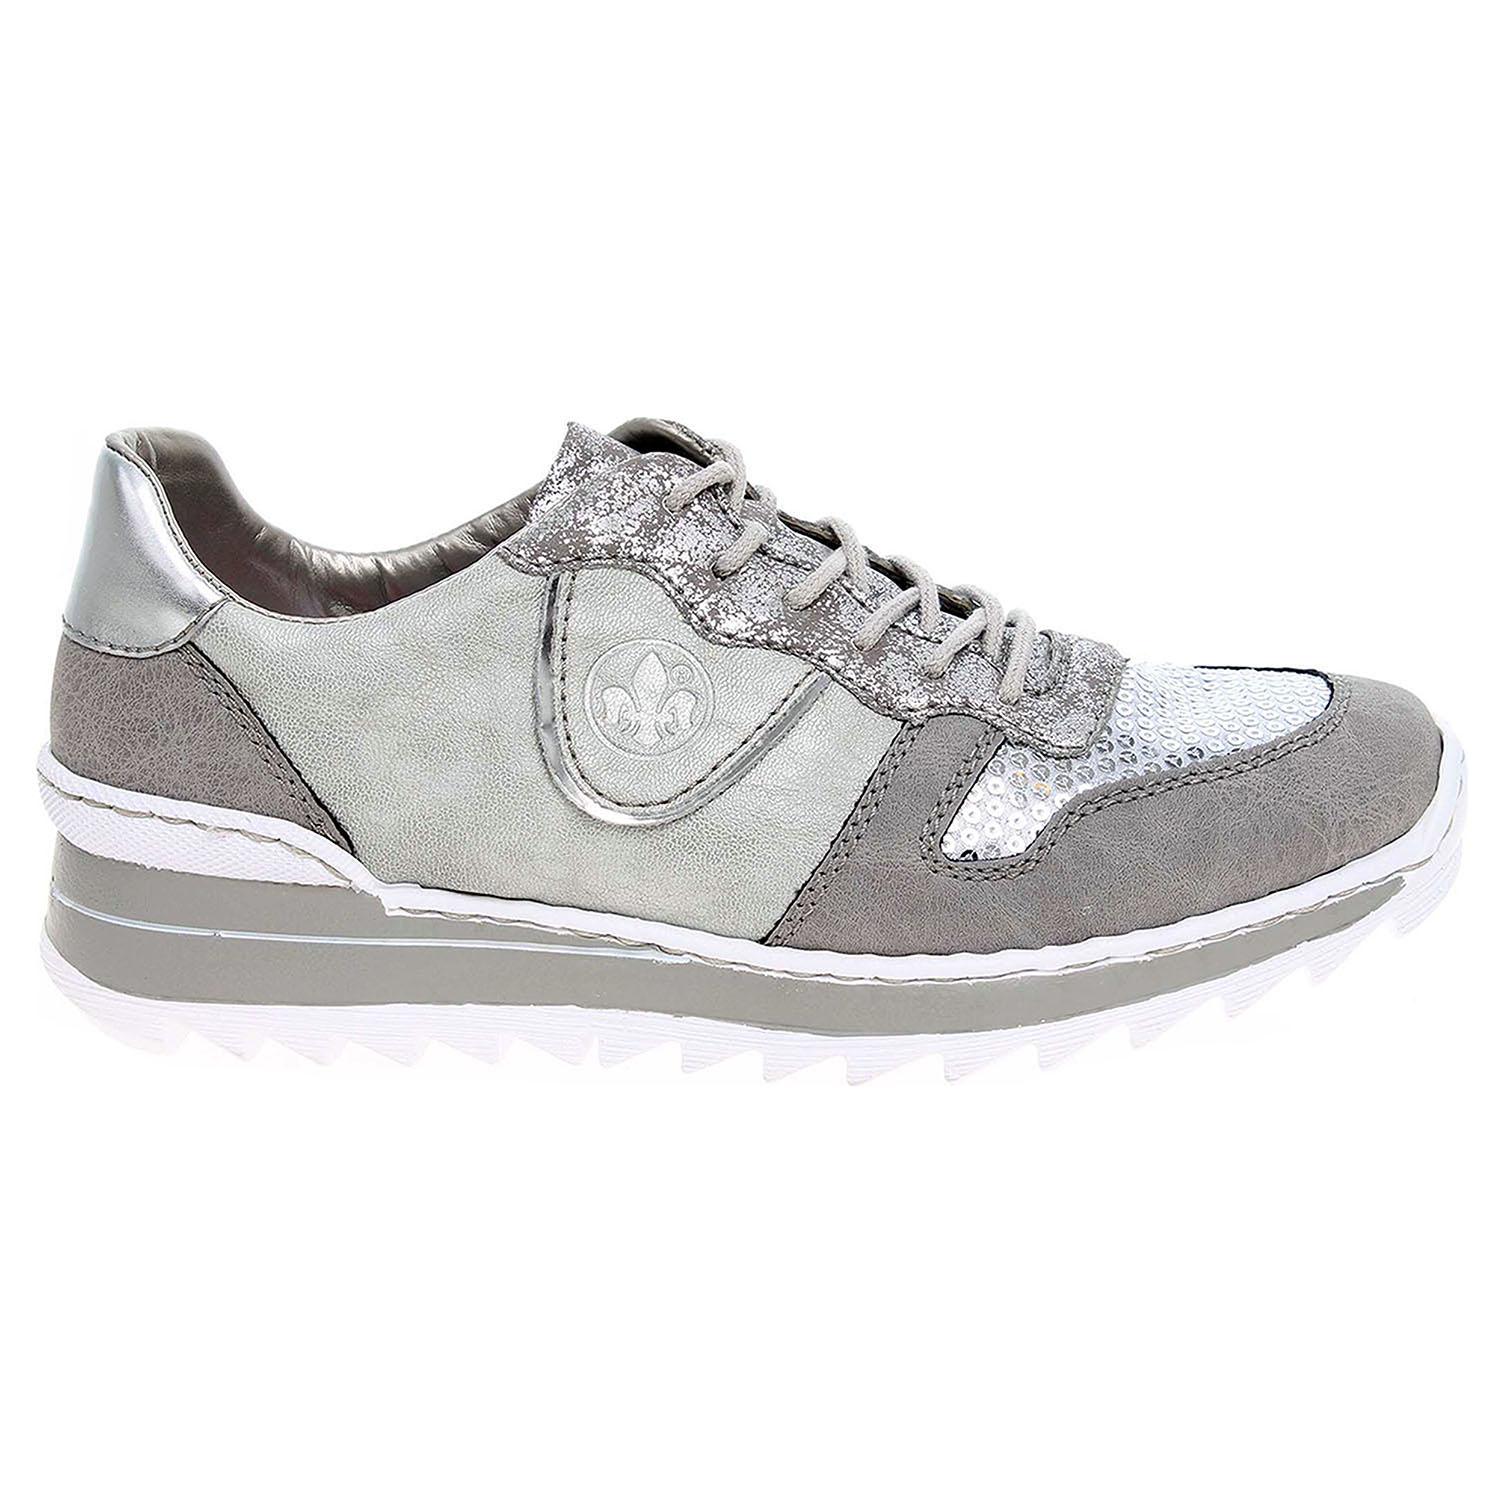 Rieker dámská obuv M6902-42 šedá 37